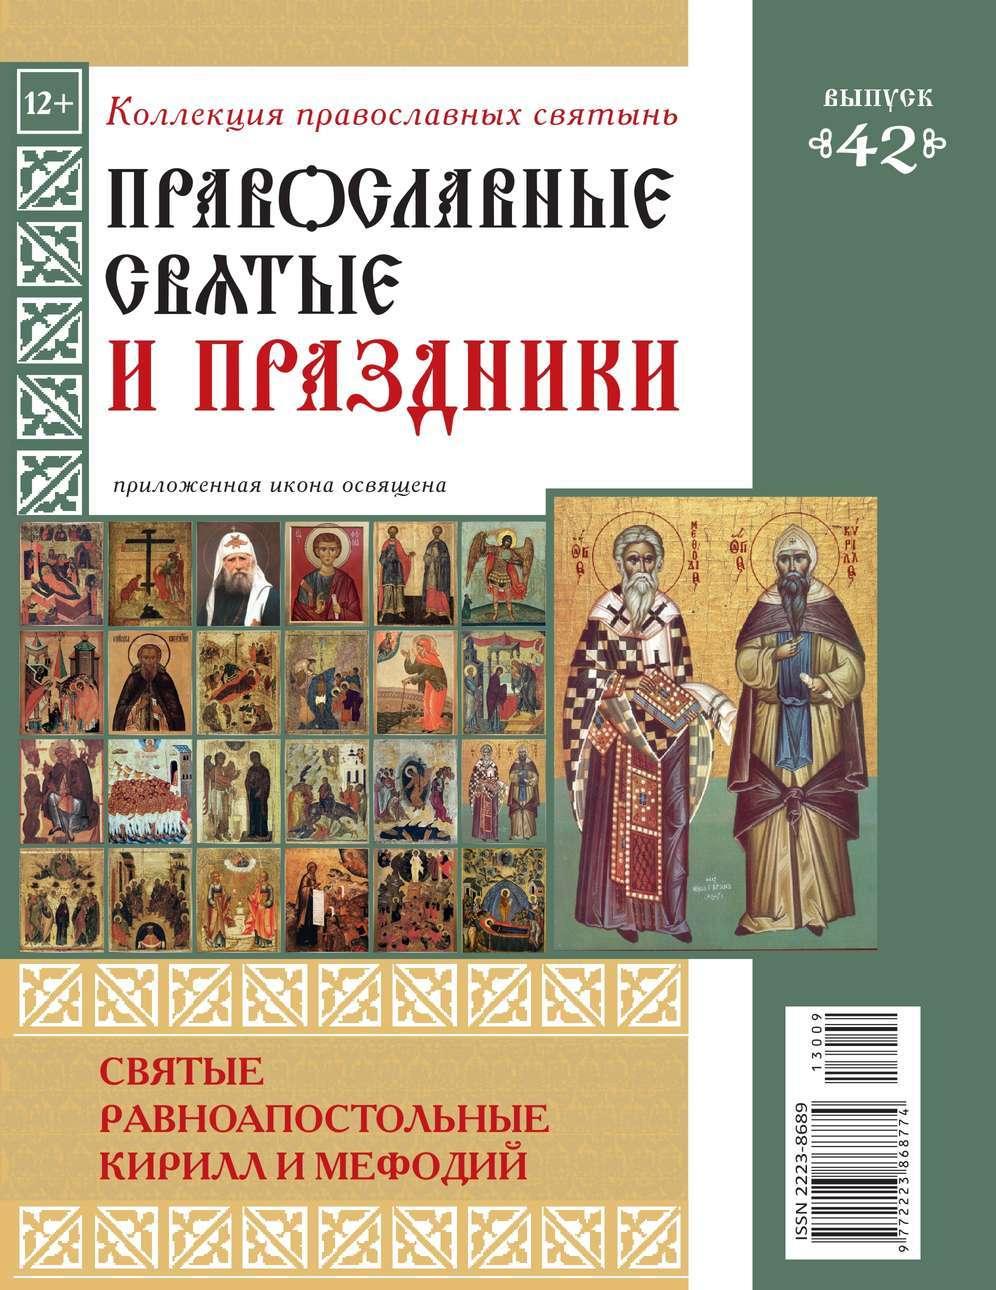 Коллекция Православных Святынь 42